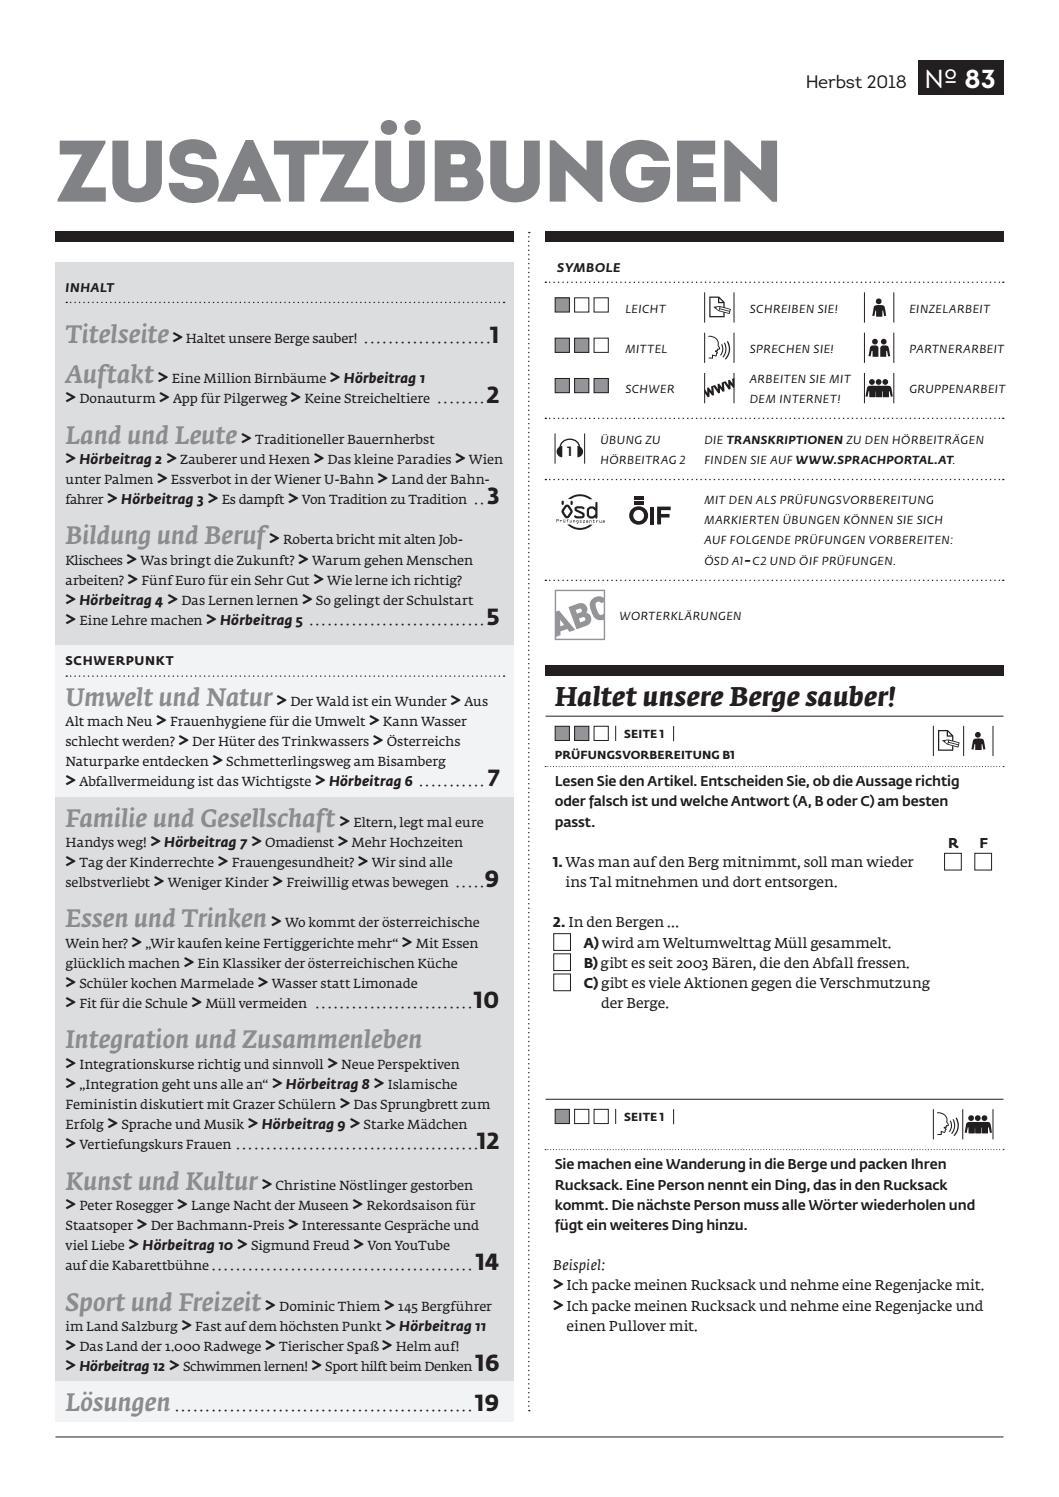 Zusatzubungen 83 By Osterreichischer Integrationsfonds Issuu